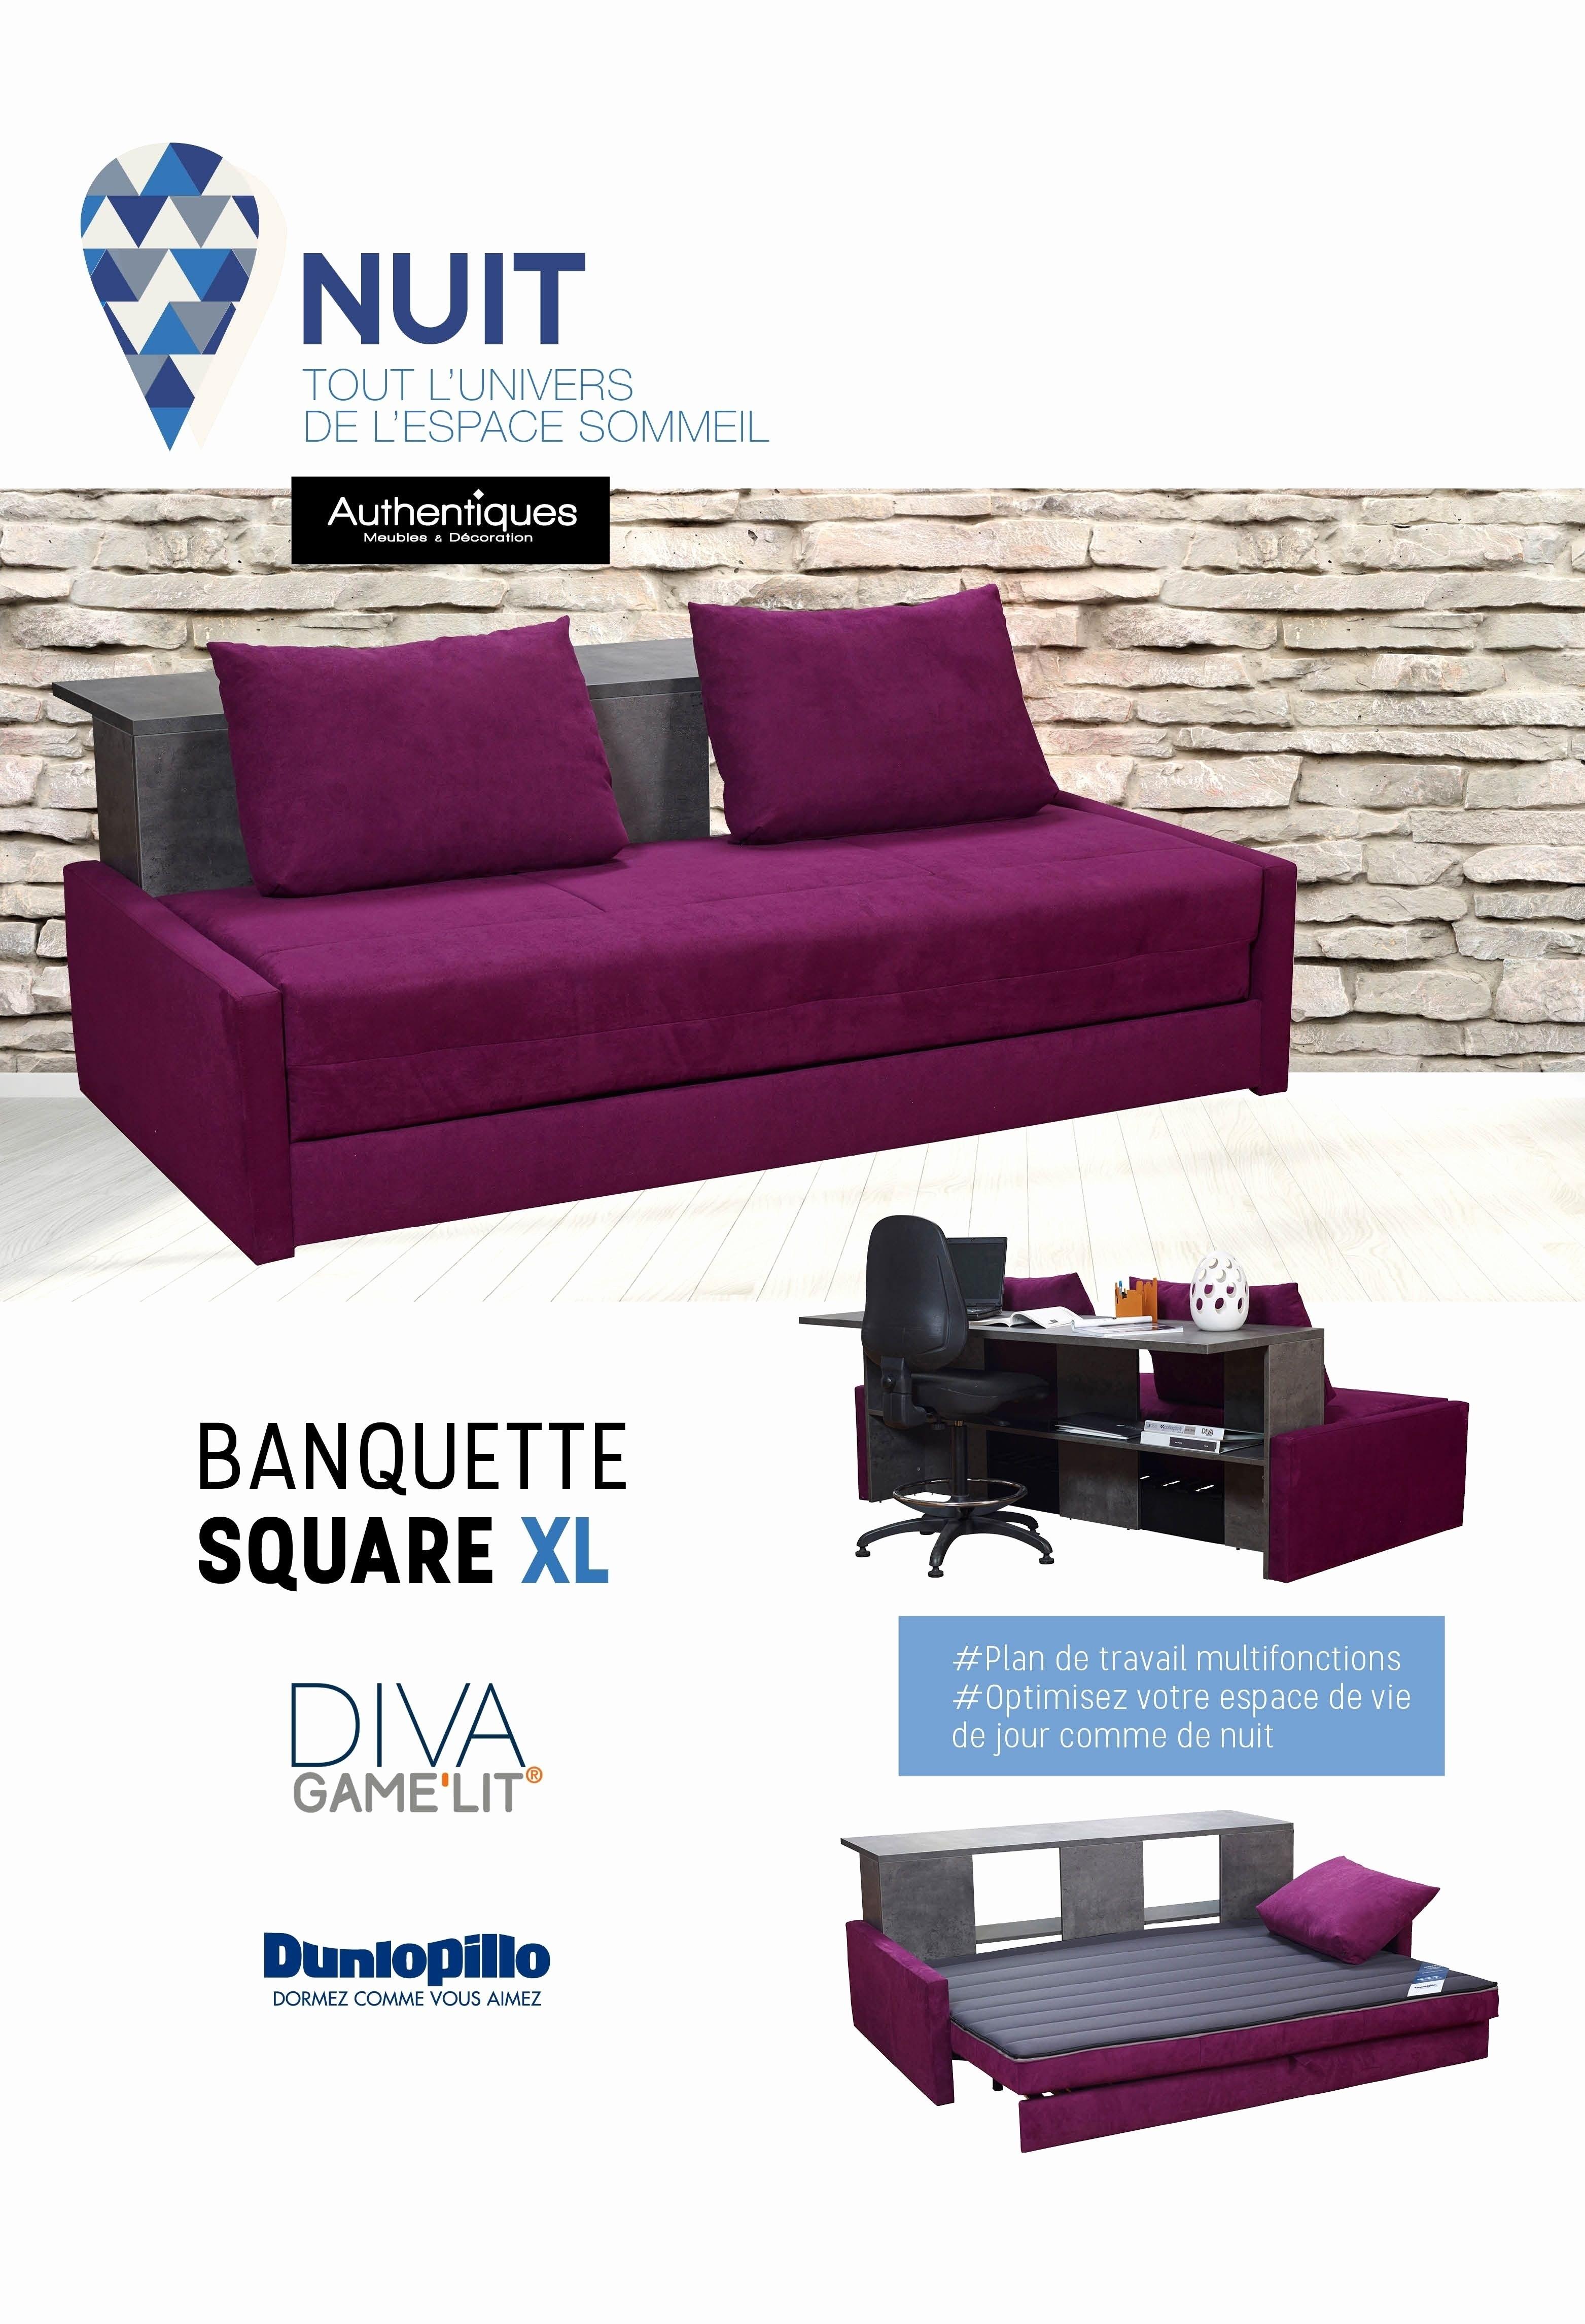 Matelas Bz Ikea Inspirant Photos Matelas Banquette Bz Meilleur Canape Futon 0d S – Les Idées De